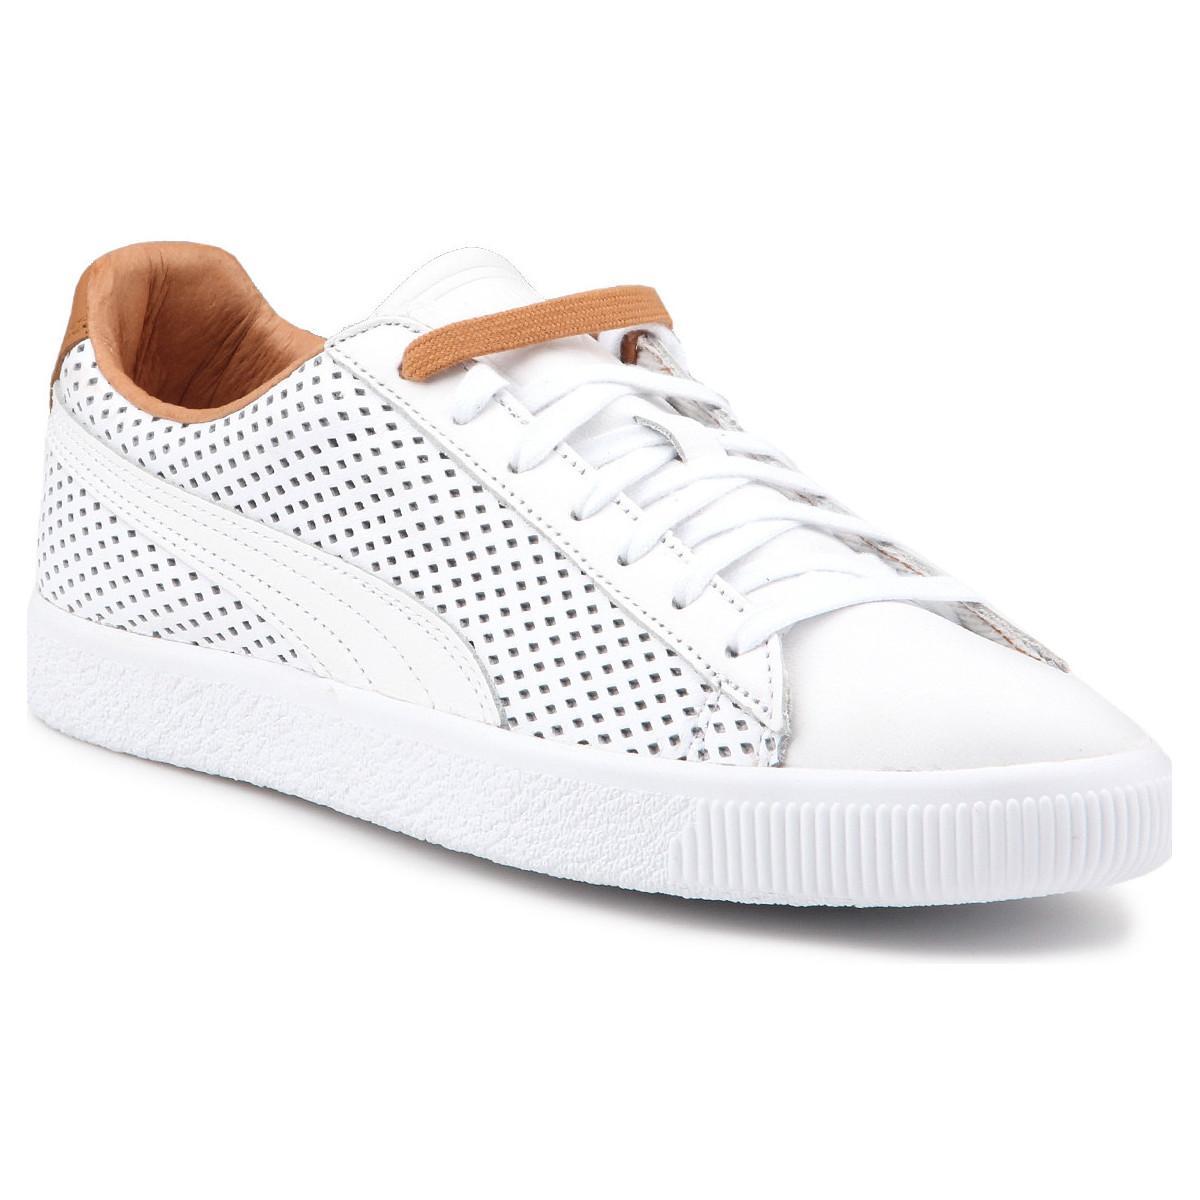 a9f2c679b4 PUMA Lifestyle Shoes Clyde Colorblock 2 363833 01 Men s Shoes ...